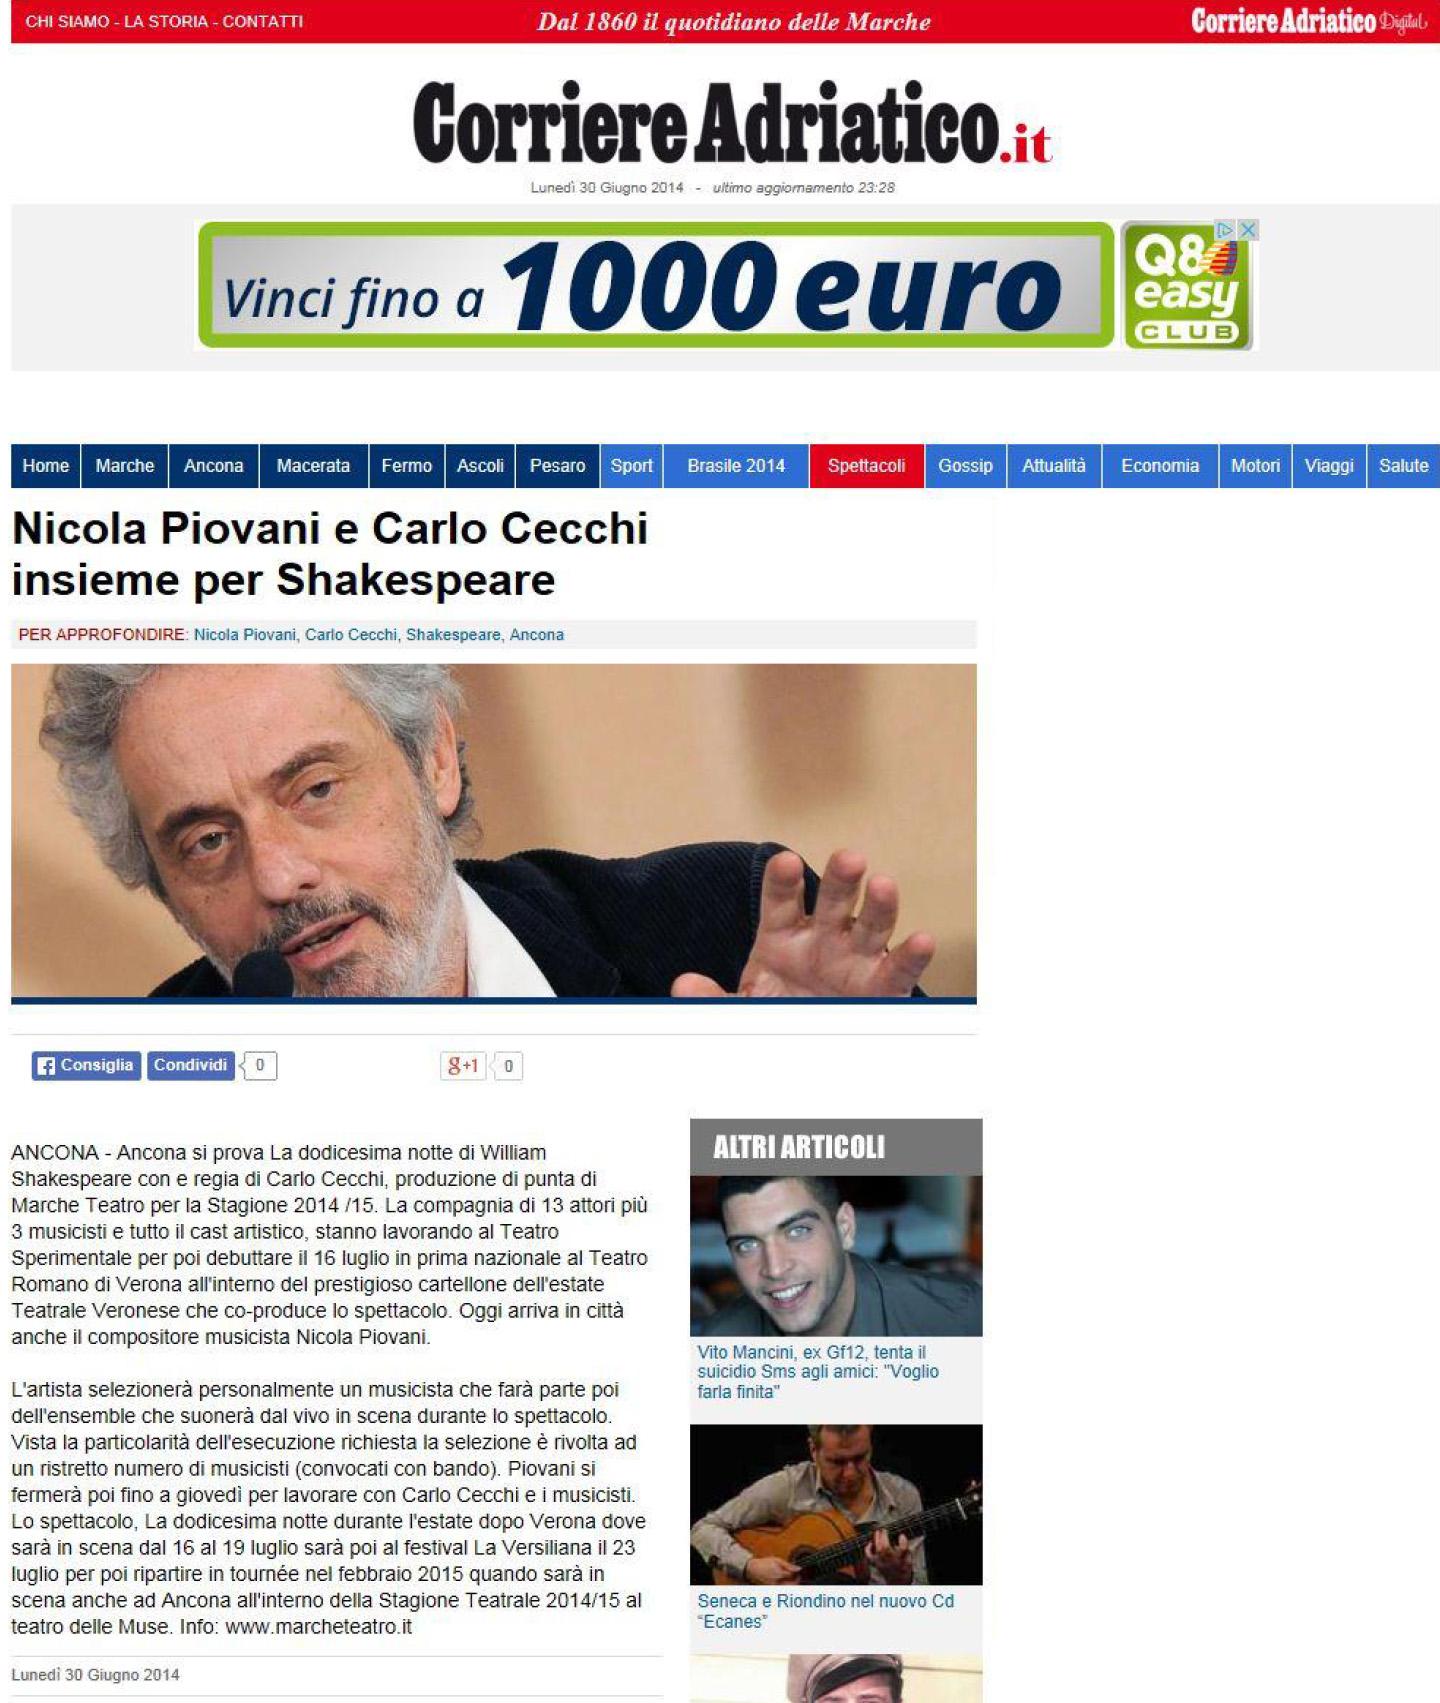 2014.06.30 Nicola Piovani e Carlo Cecchi insieme per Shakespeare - corriereadriatico.it